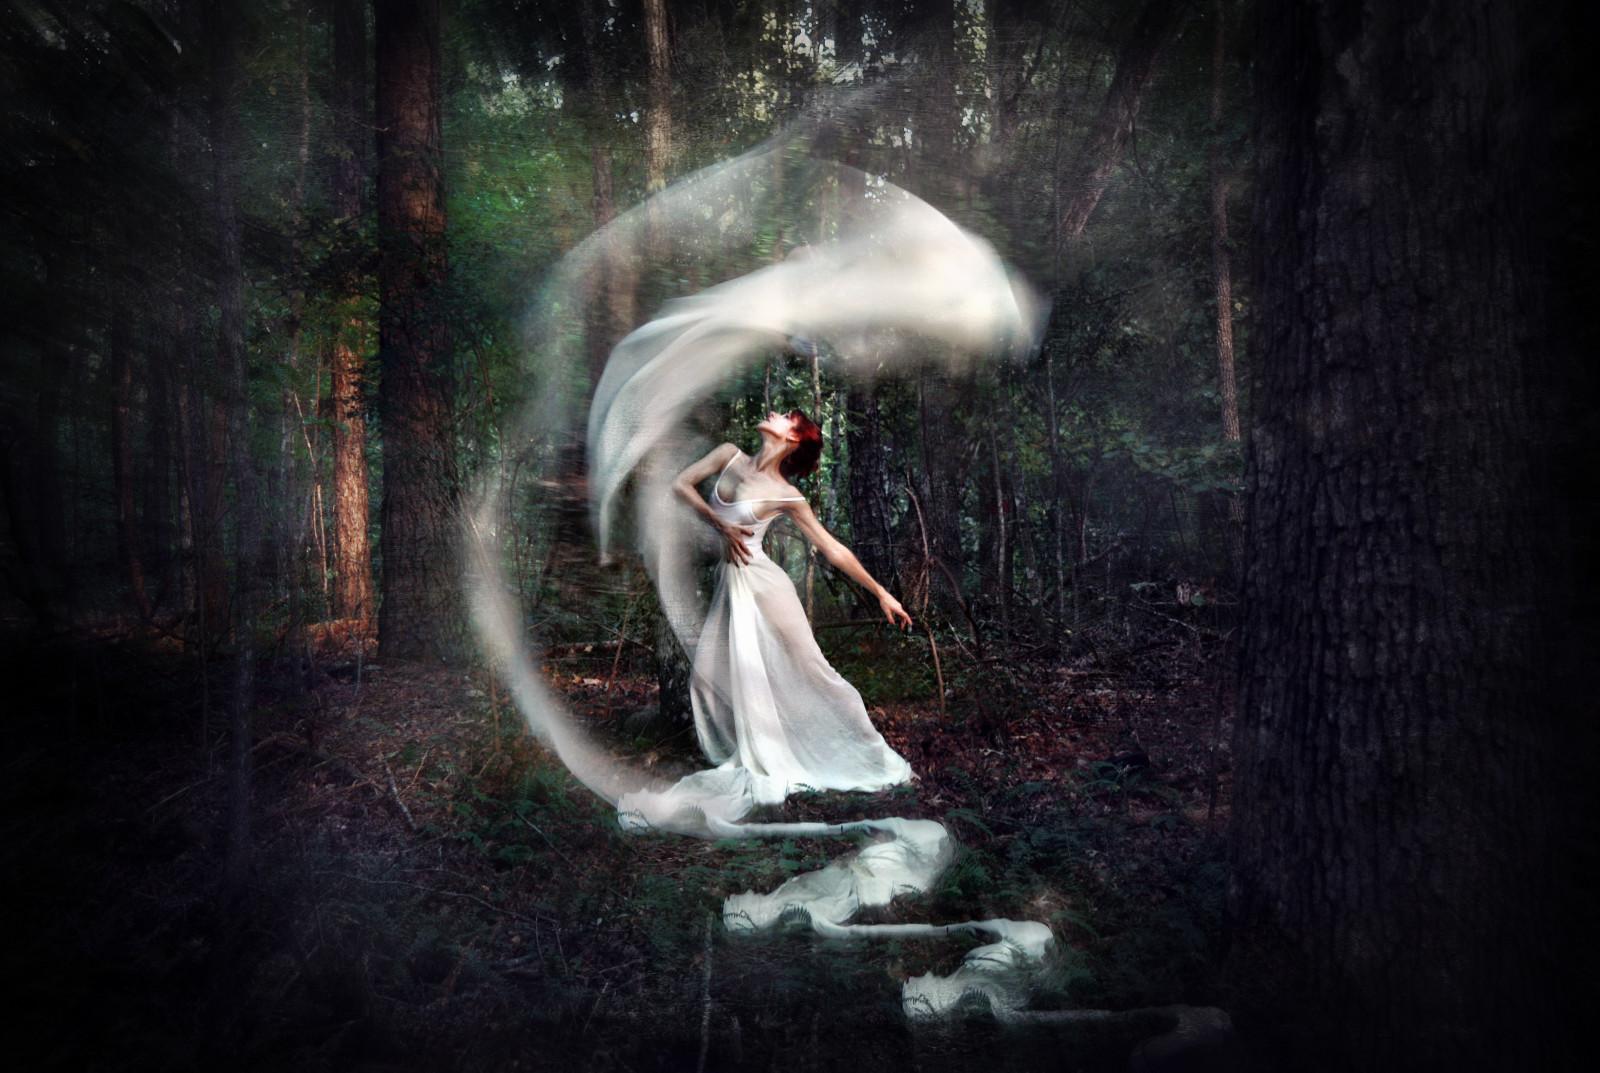 cây rừng trắng Nước thiên nhiên khiêu vũ nhiếp ảnh Phát sáng tối Hoàng hôn vũ công Muse cây con gái gỗ ảnh chụp bóng tối váy trắng Hình nền máy tính Lễ đặc tính của nước Hiện tượng Nữ vũ công Innermusic Nữ tính Say đắm Glowingwhitecloth stock photography flash photography